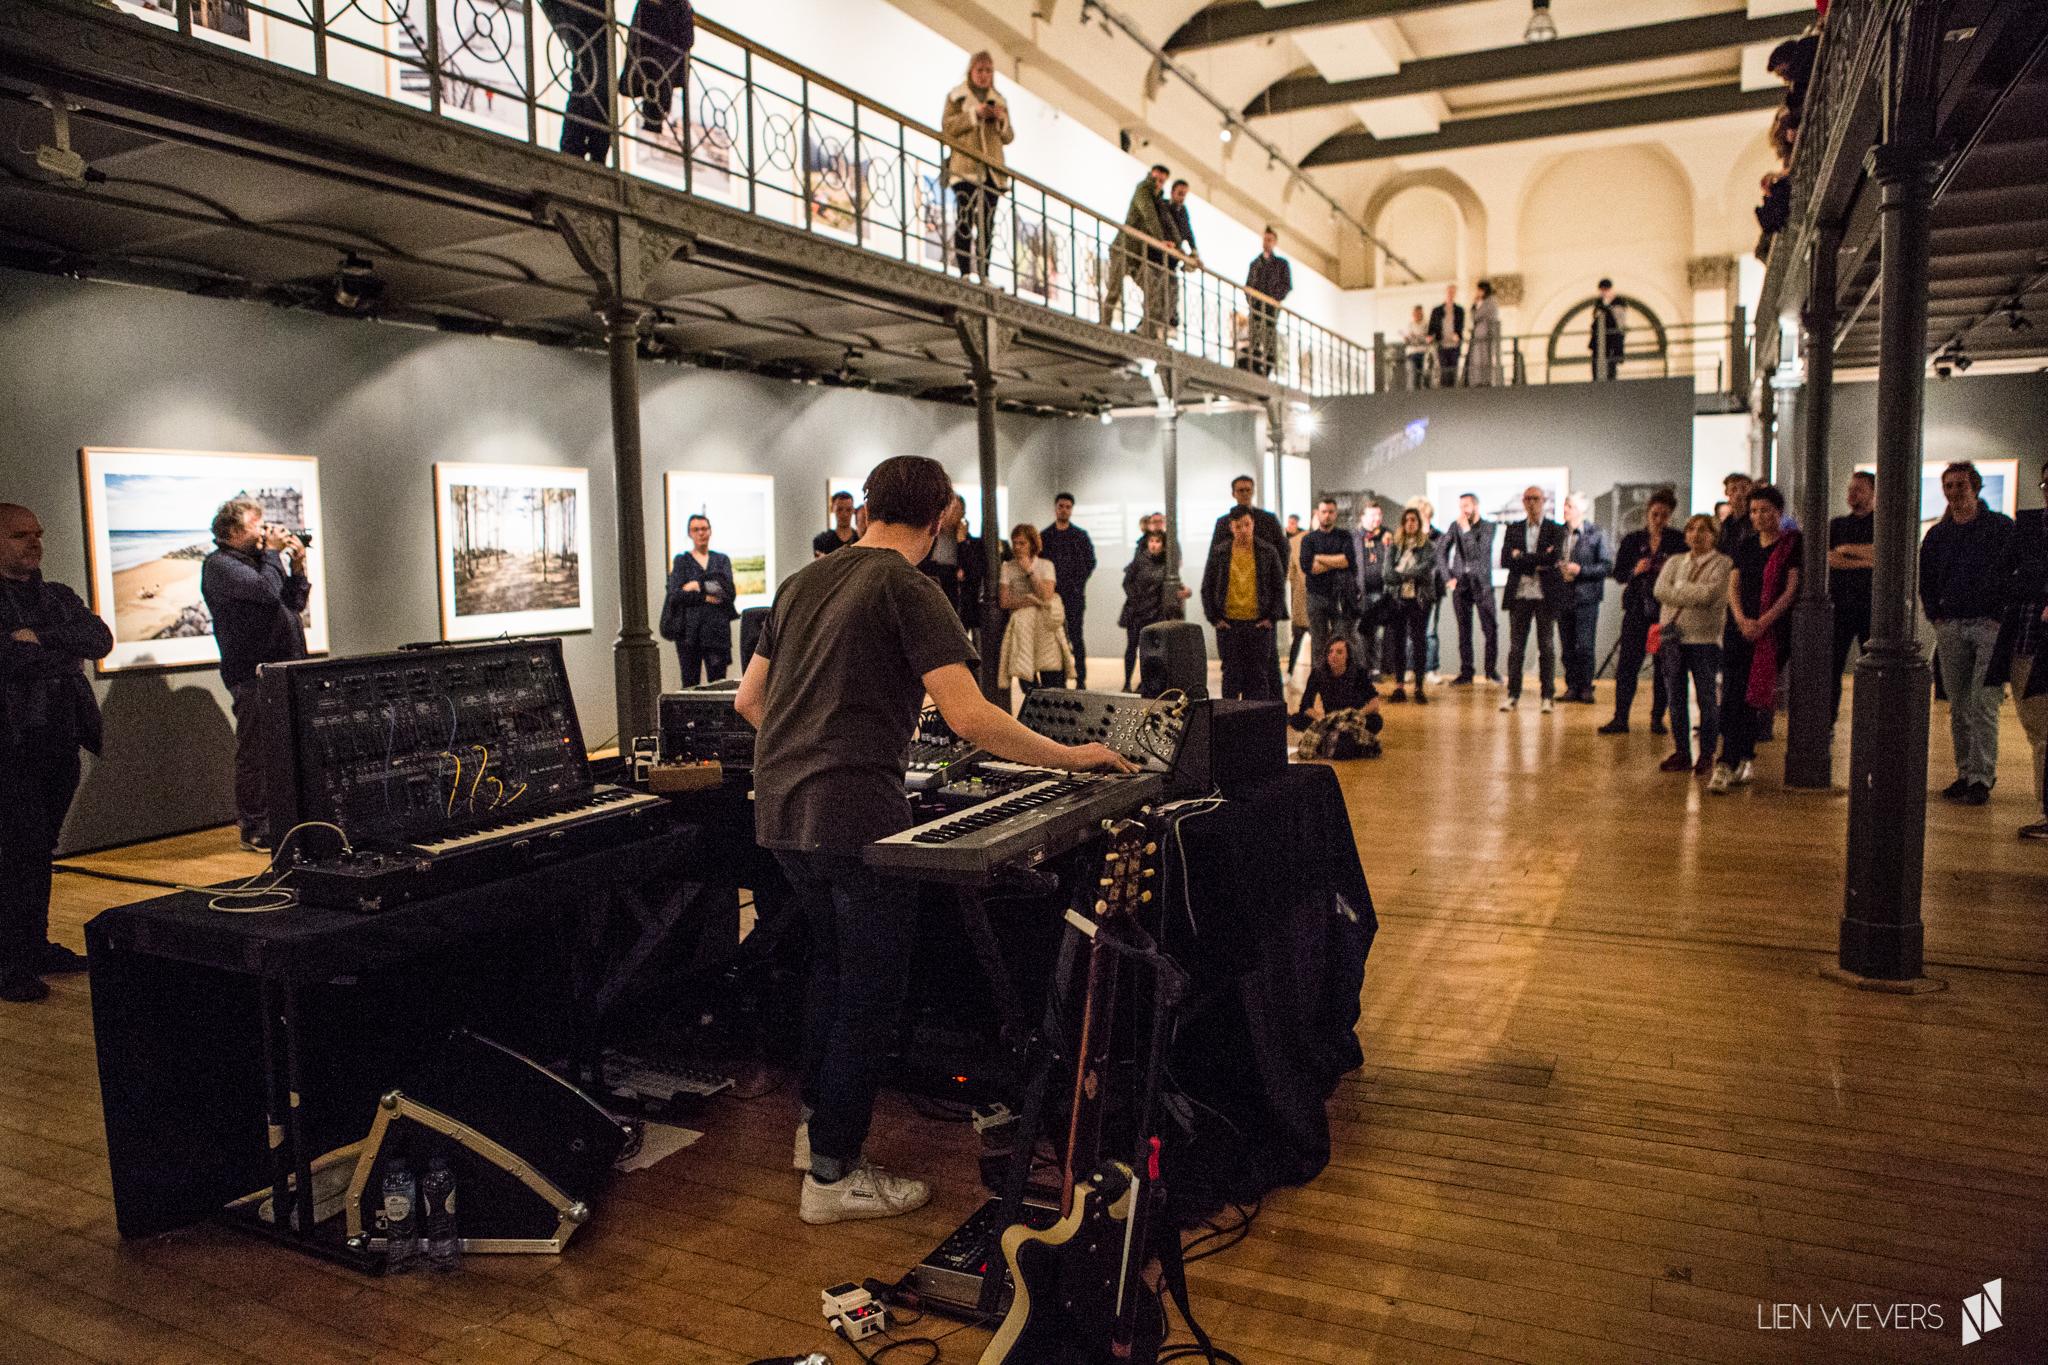 Expo 'Higher Ground' by Carl de Keyzer - music by Dave Martijn_Lien Wevers fotograaf_4.jpg